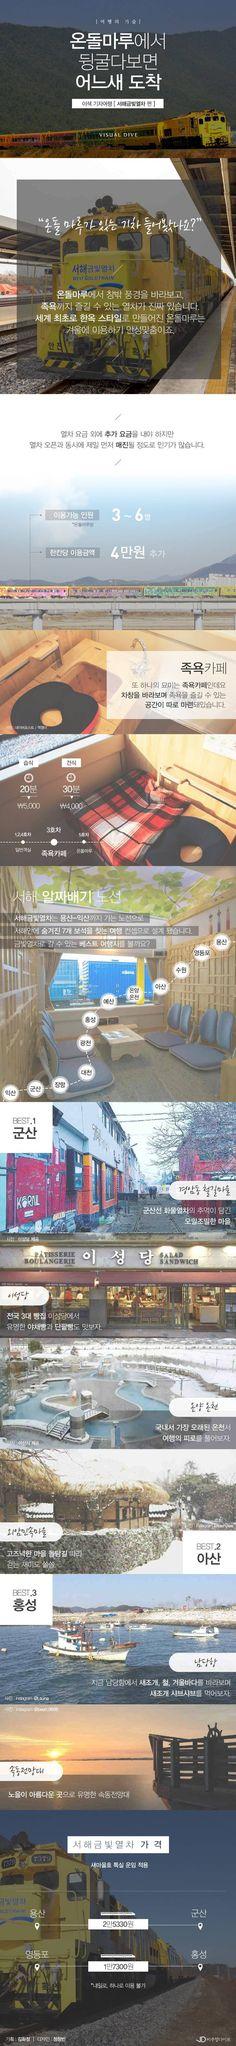 서해금빛열차 , 온돌마루 기차여행 [카드뉴스] #train_trip / #cardnews ⓒ 비주얼다이브 무단 복사·전재·재배포 금지